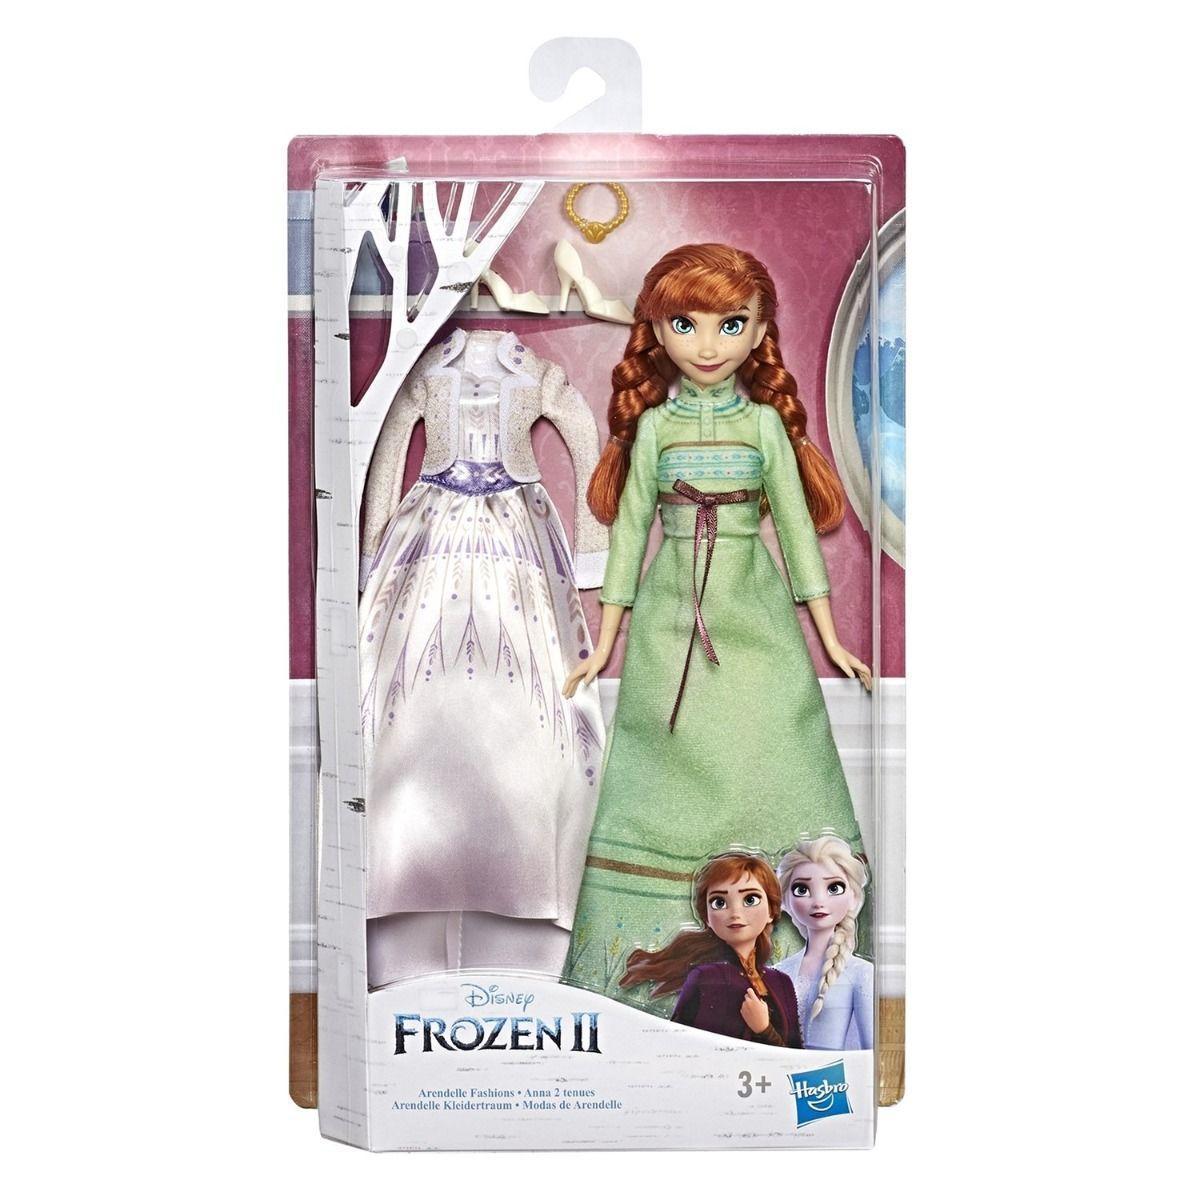 Кукла Холодное сердце 2 Disney Frozen с дополнительными нарядами - фото 6